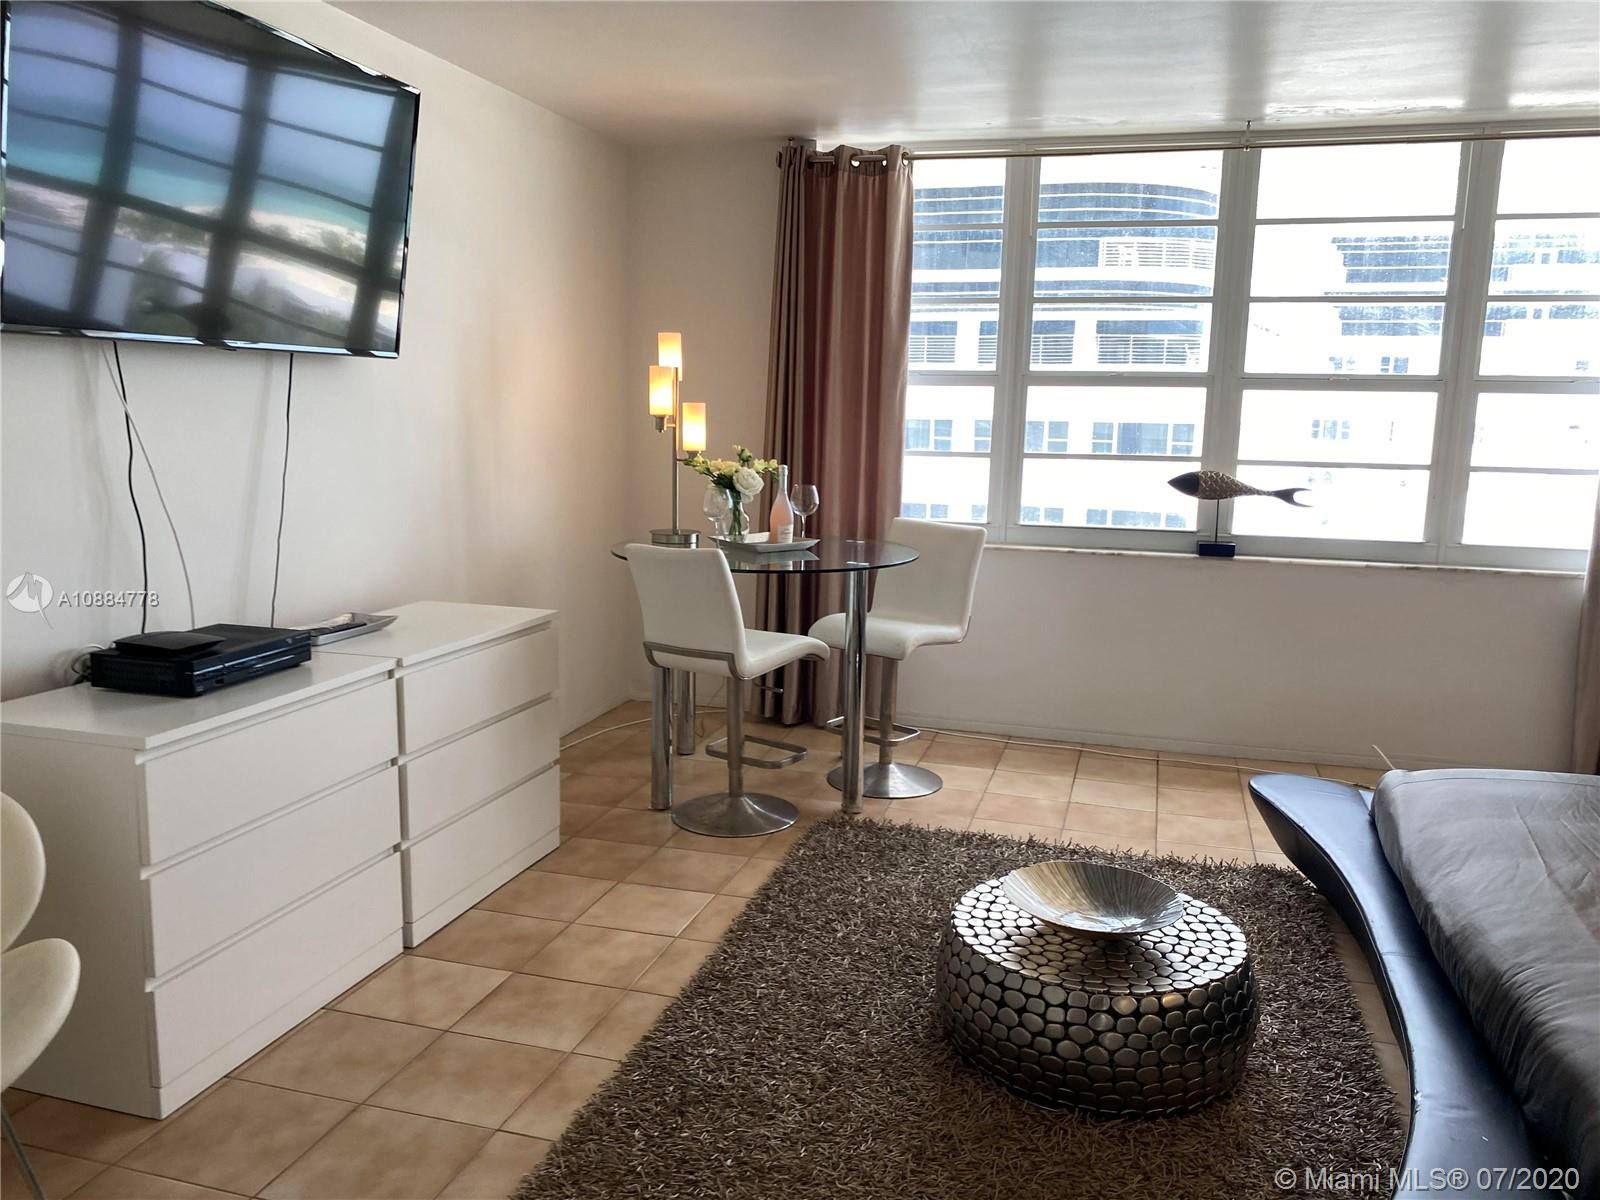 Modern Furnishings, tile floors, ocean views.